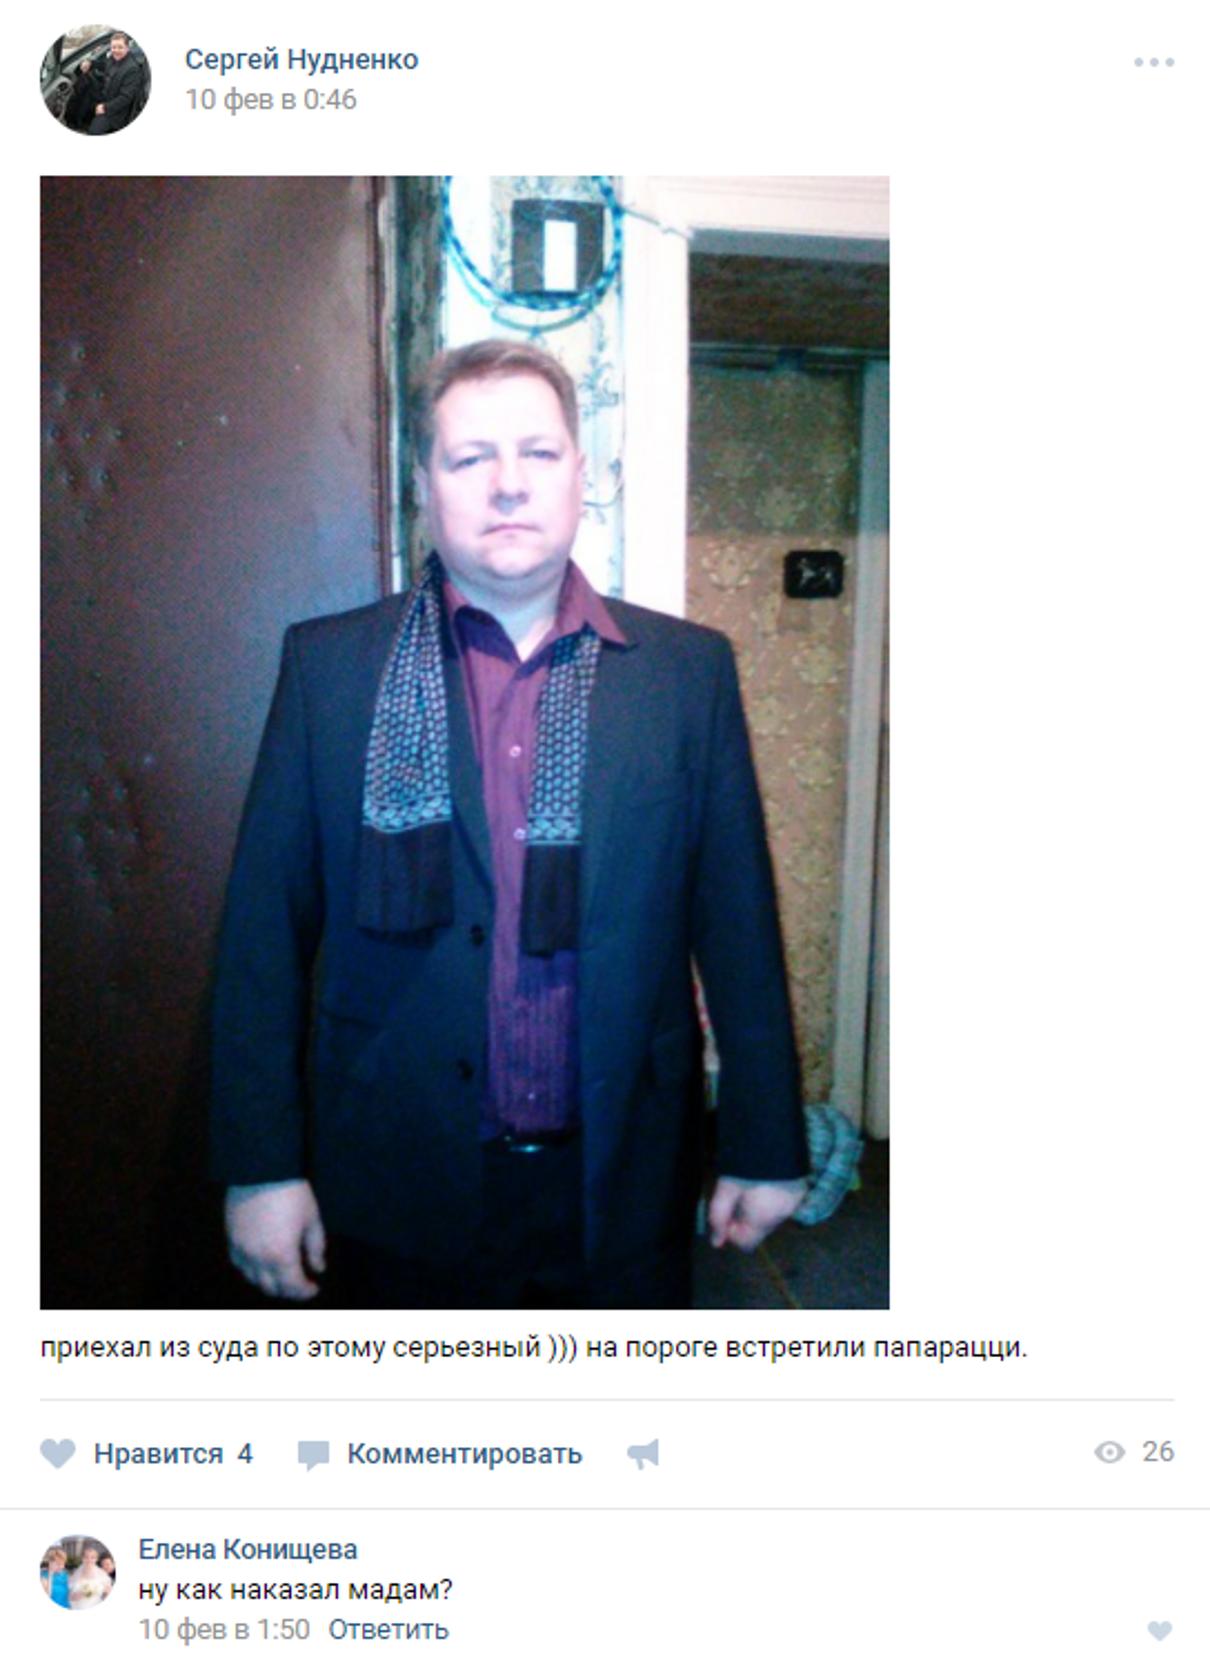 Жалоба-отзыв: Нудненко Сергей Сергеевич - ВИЧ-инфицированный насильник был отпущен из зала суда!.  Фото №2